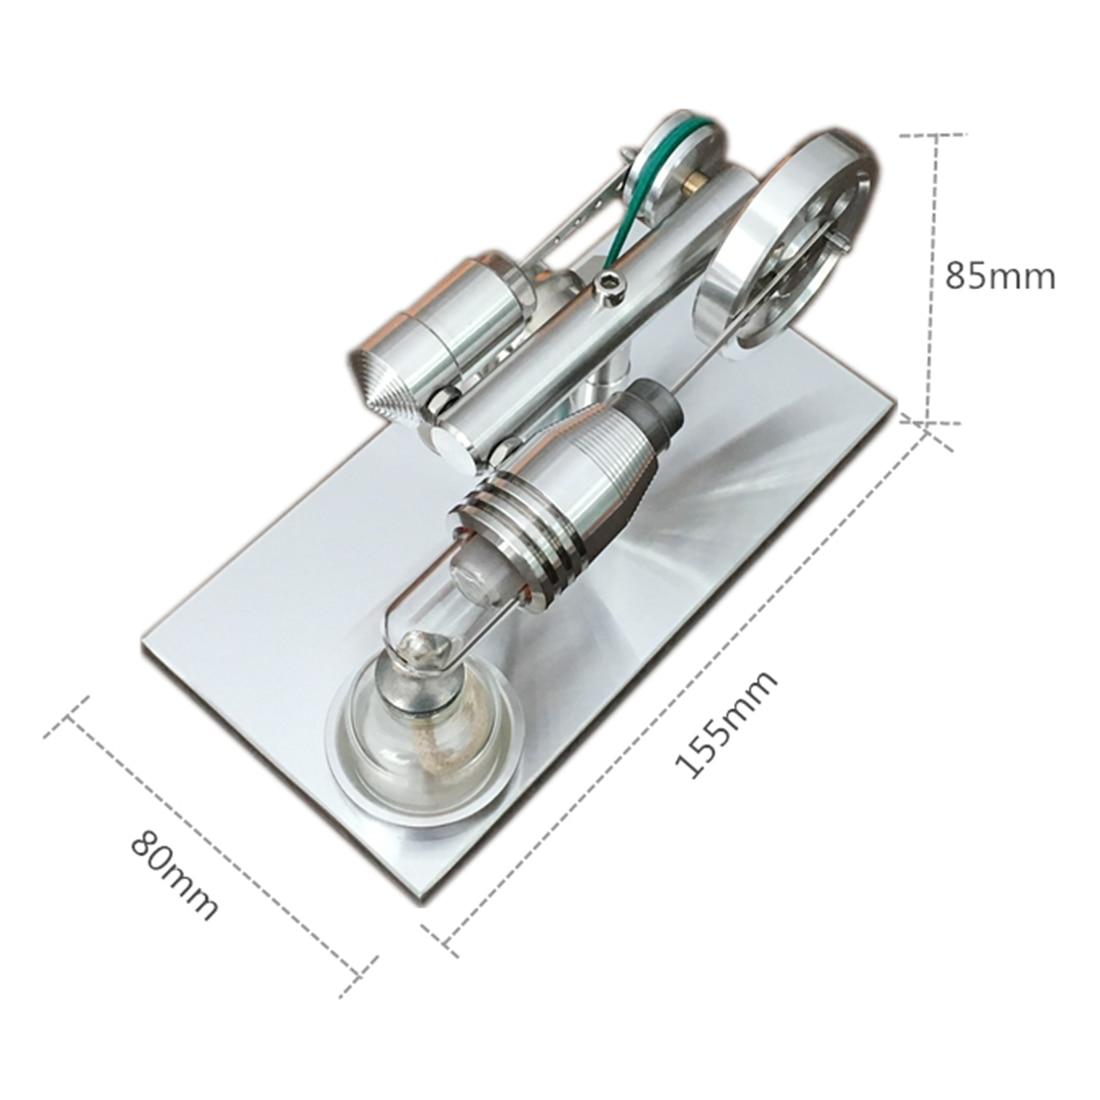 Hoge Kwaliteit Quartz Cilinder Stirlingmotor Micro Generator Model Building Kits Speelgoed Voor Kinderen - 3